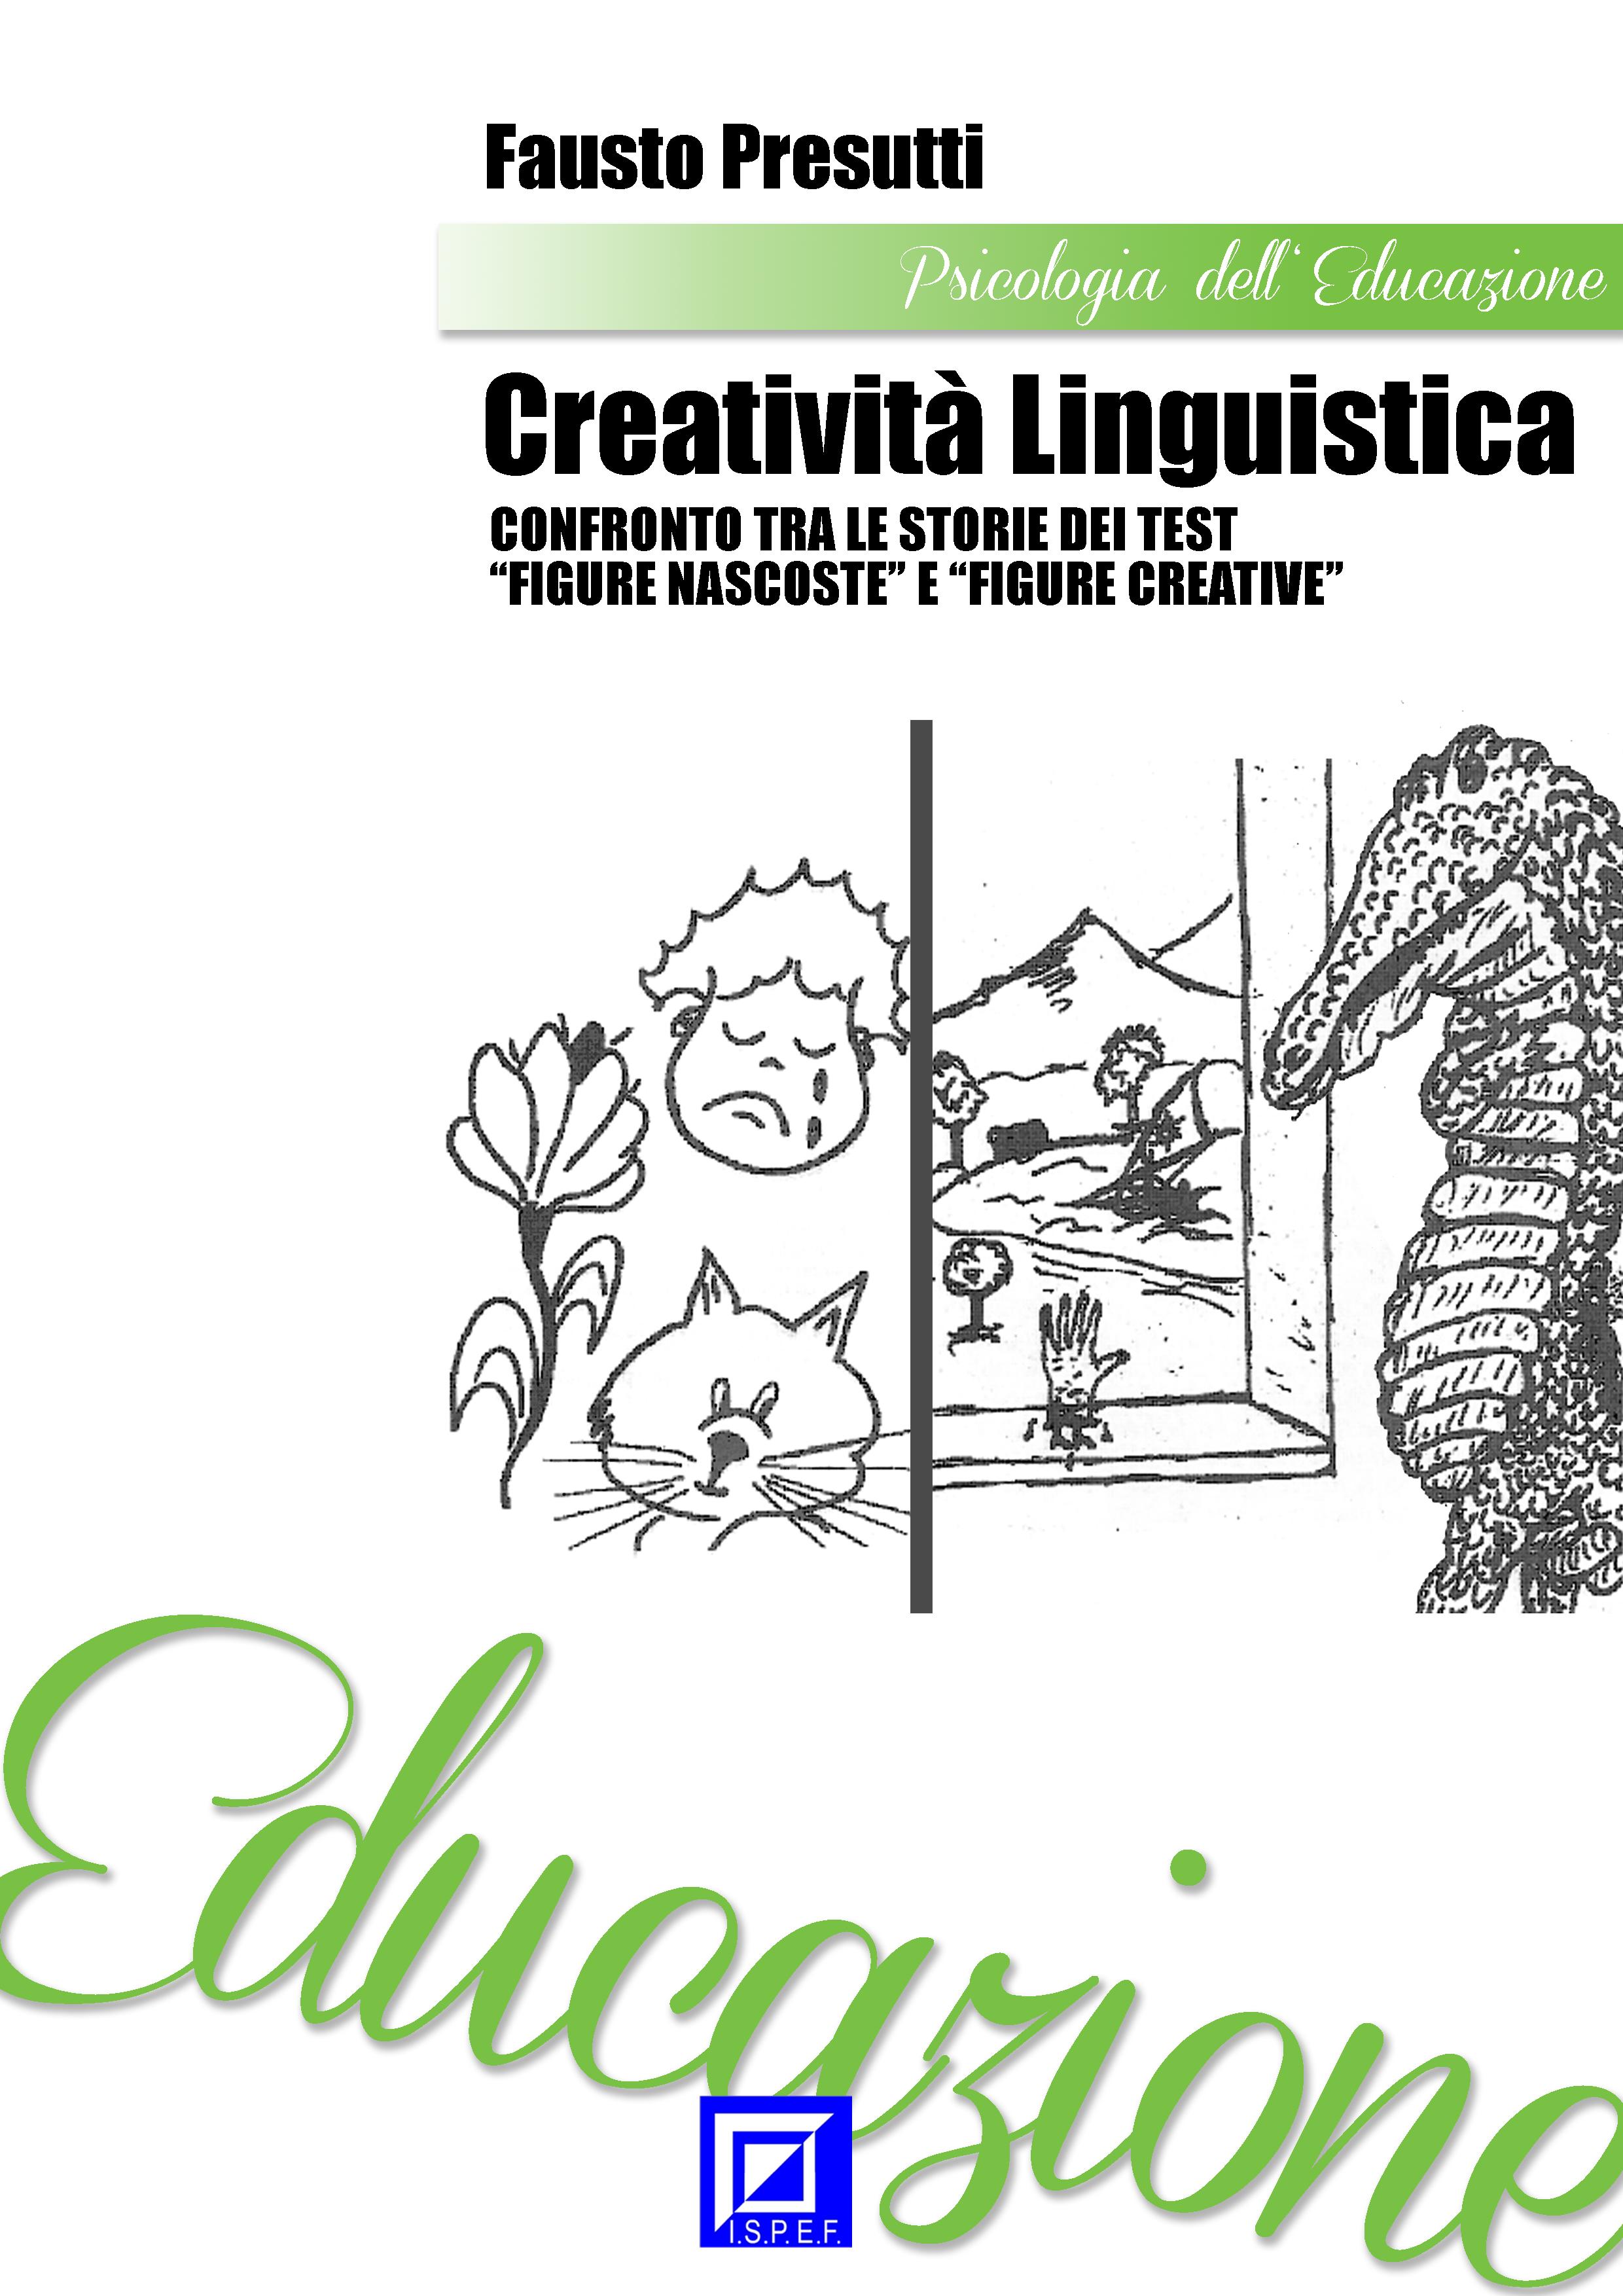 creativita linguistica confronto figure